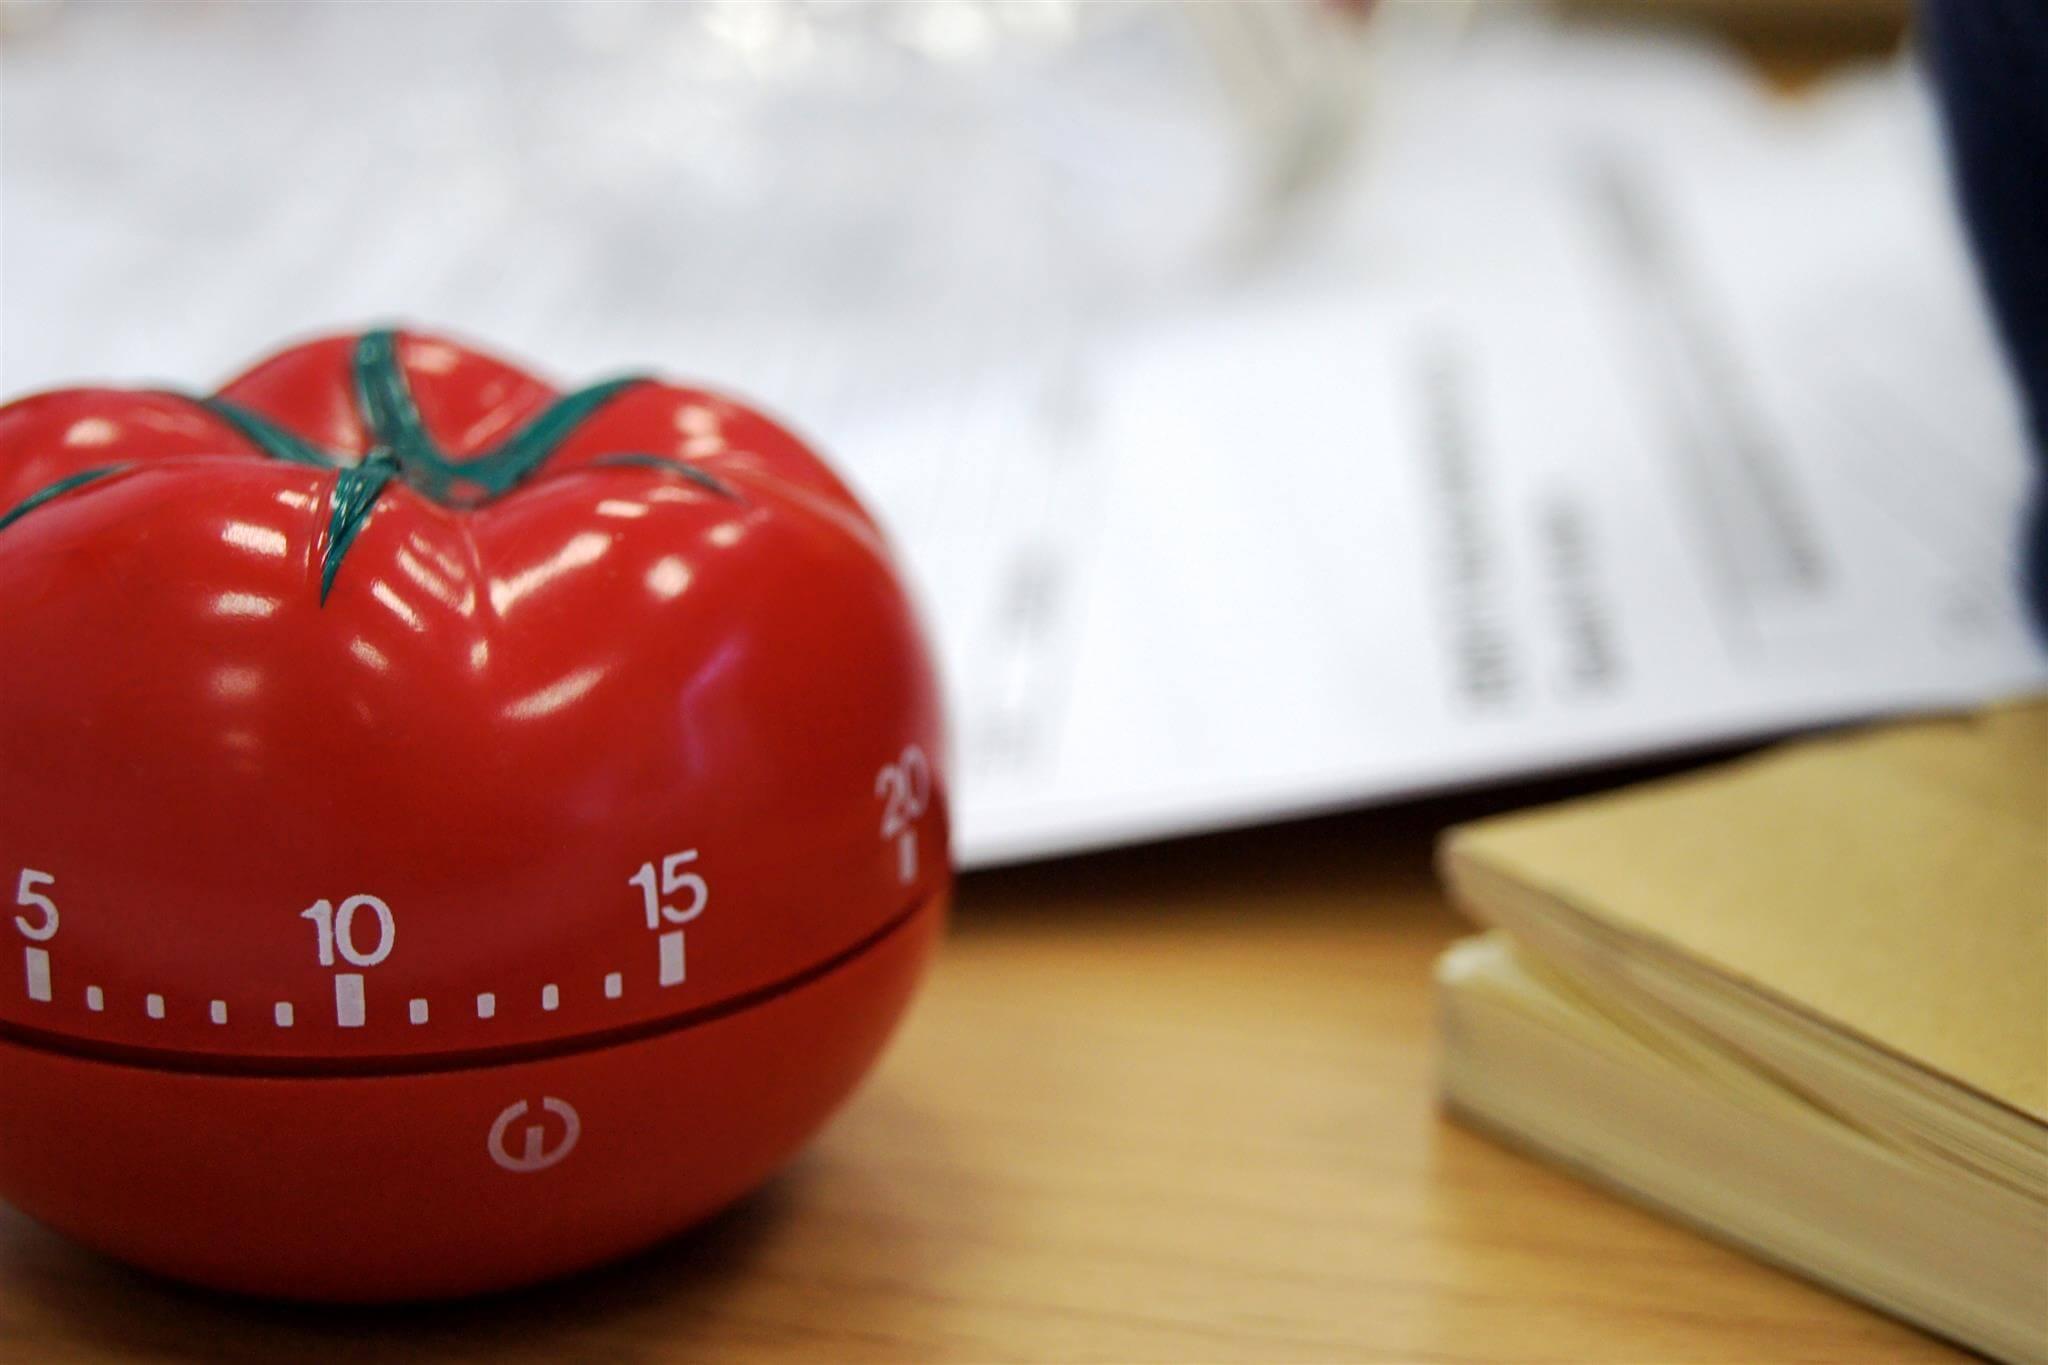 Таймер в виде помидора